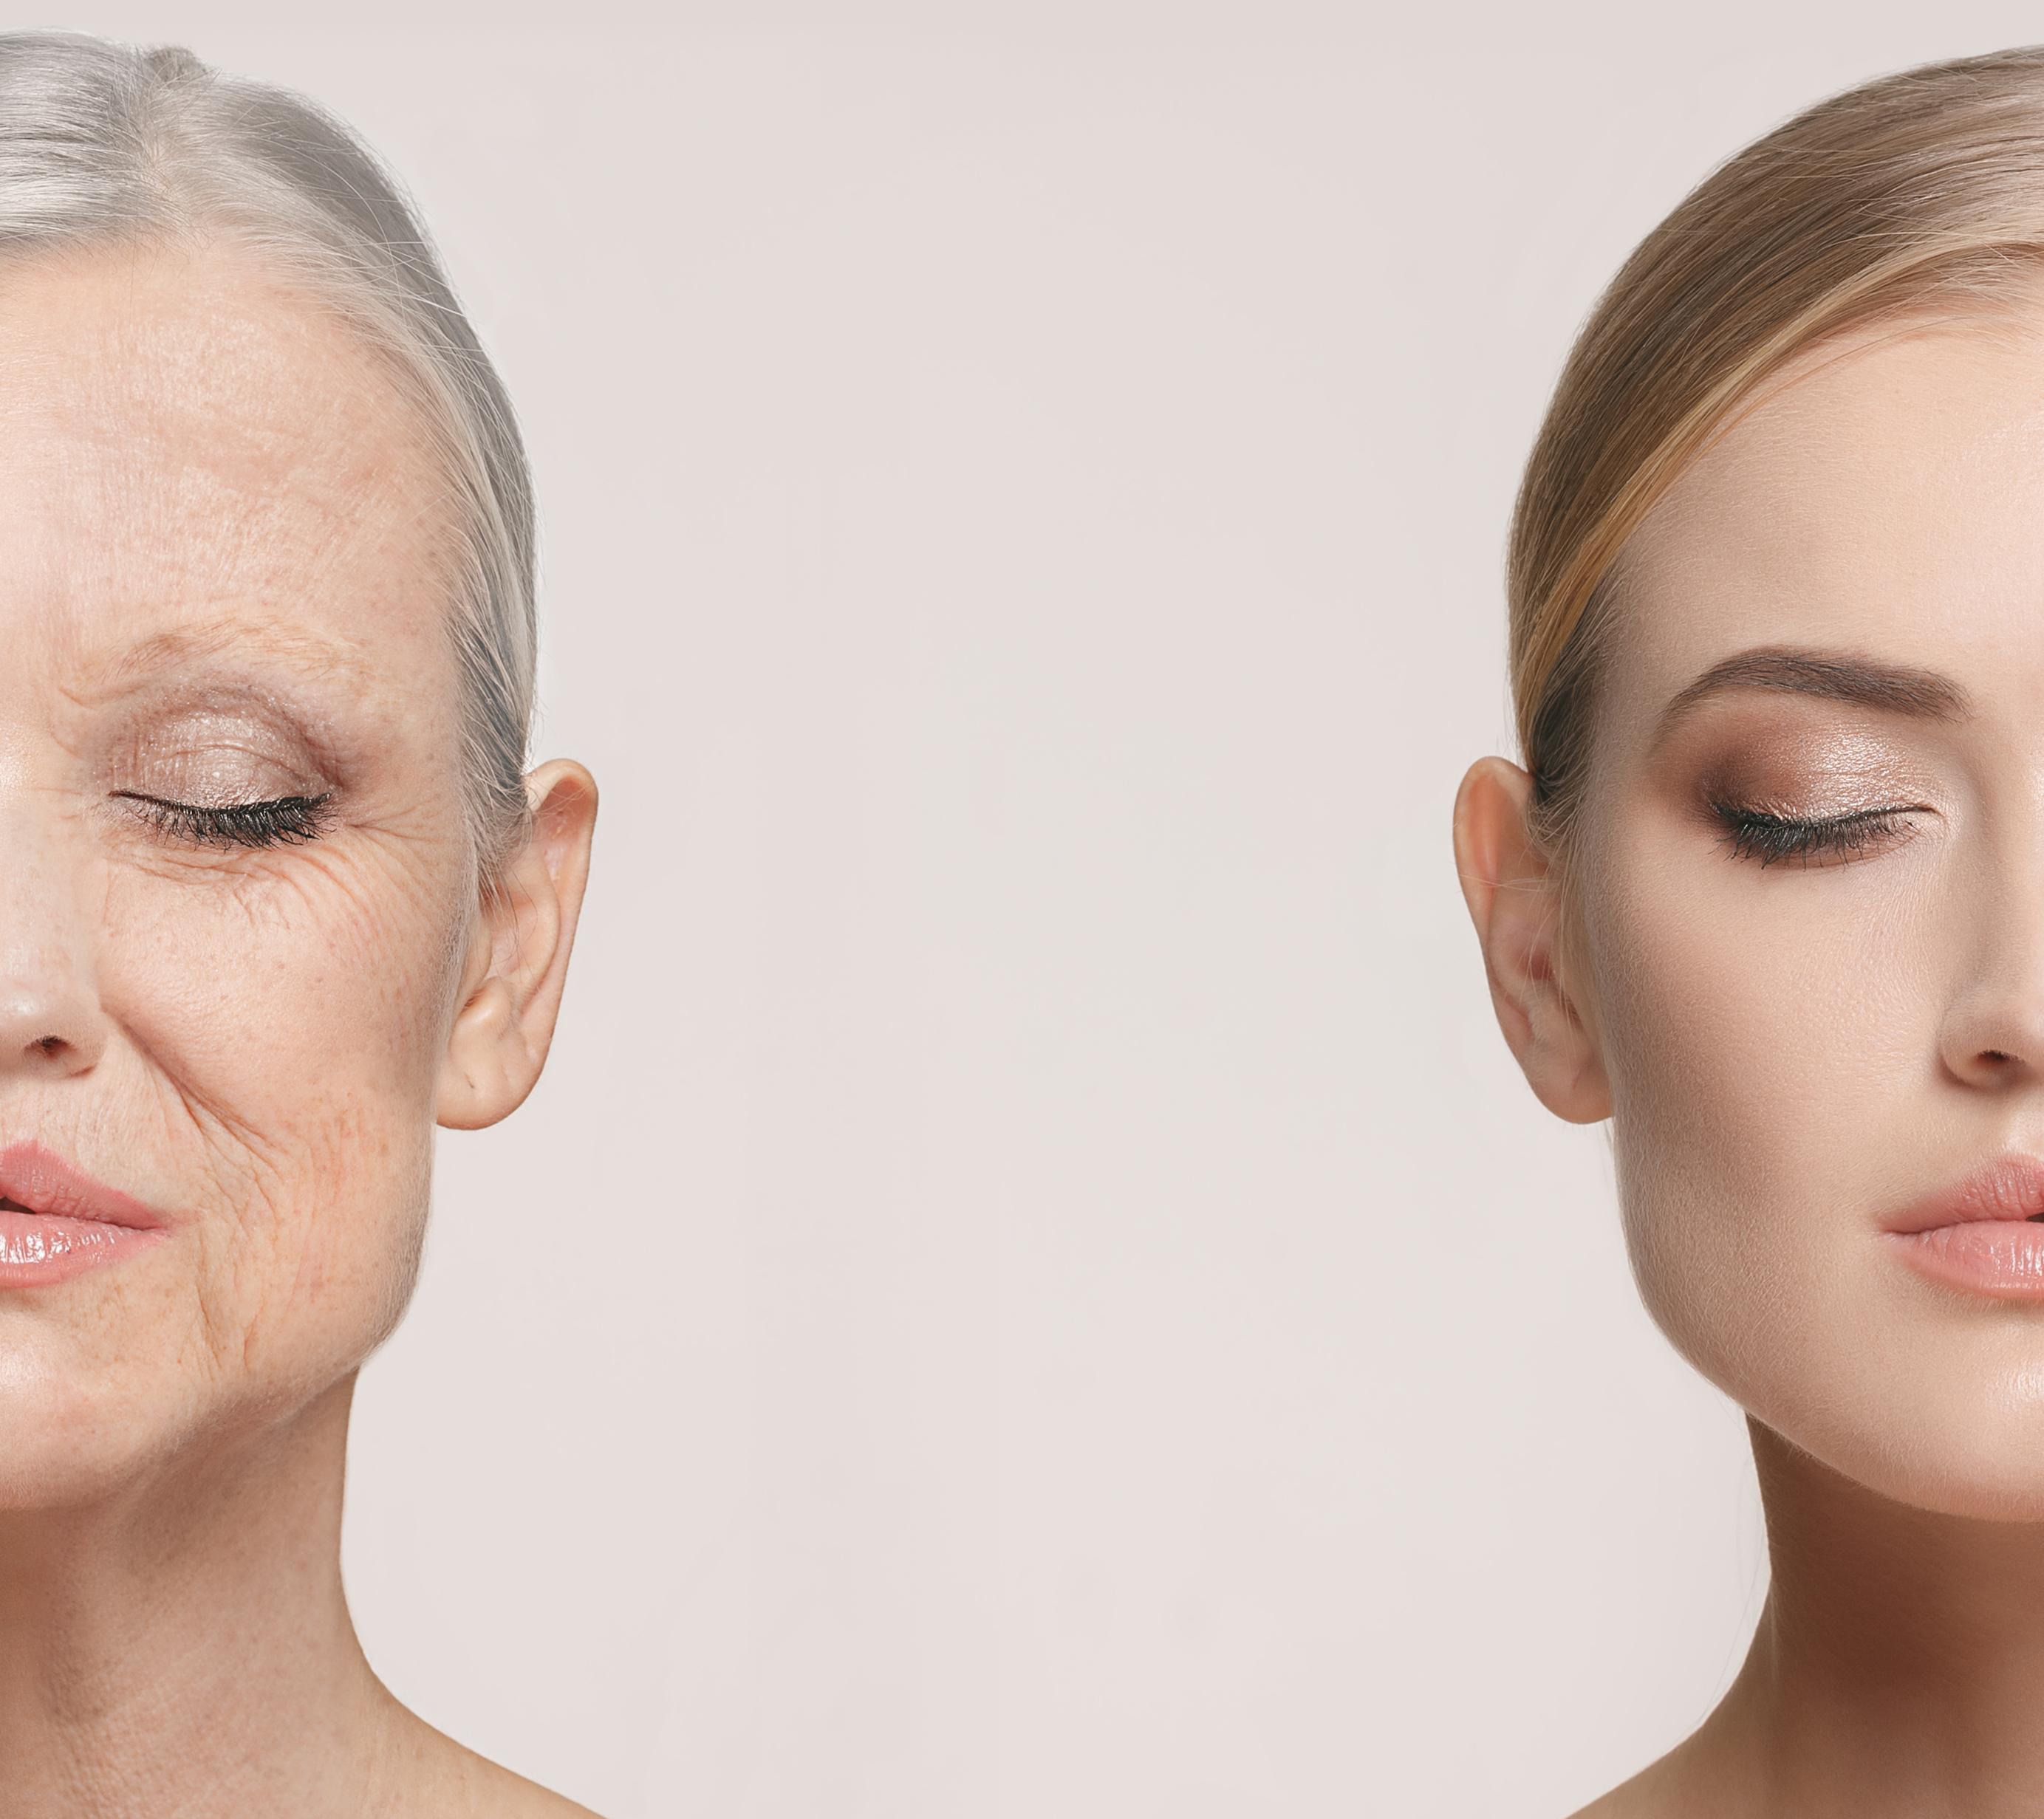 Comparison. Portrait of beautiful woman